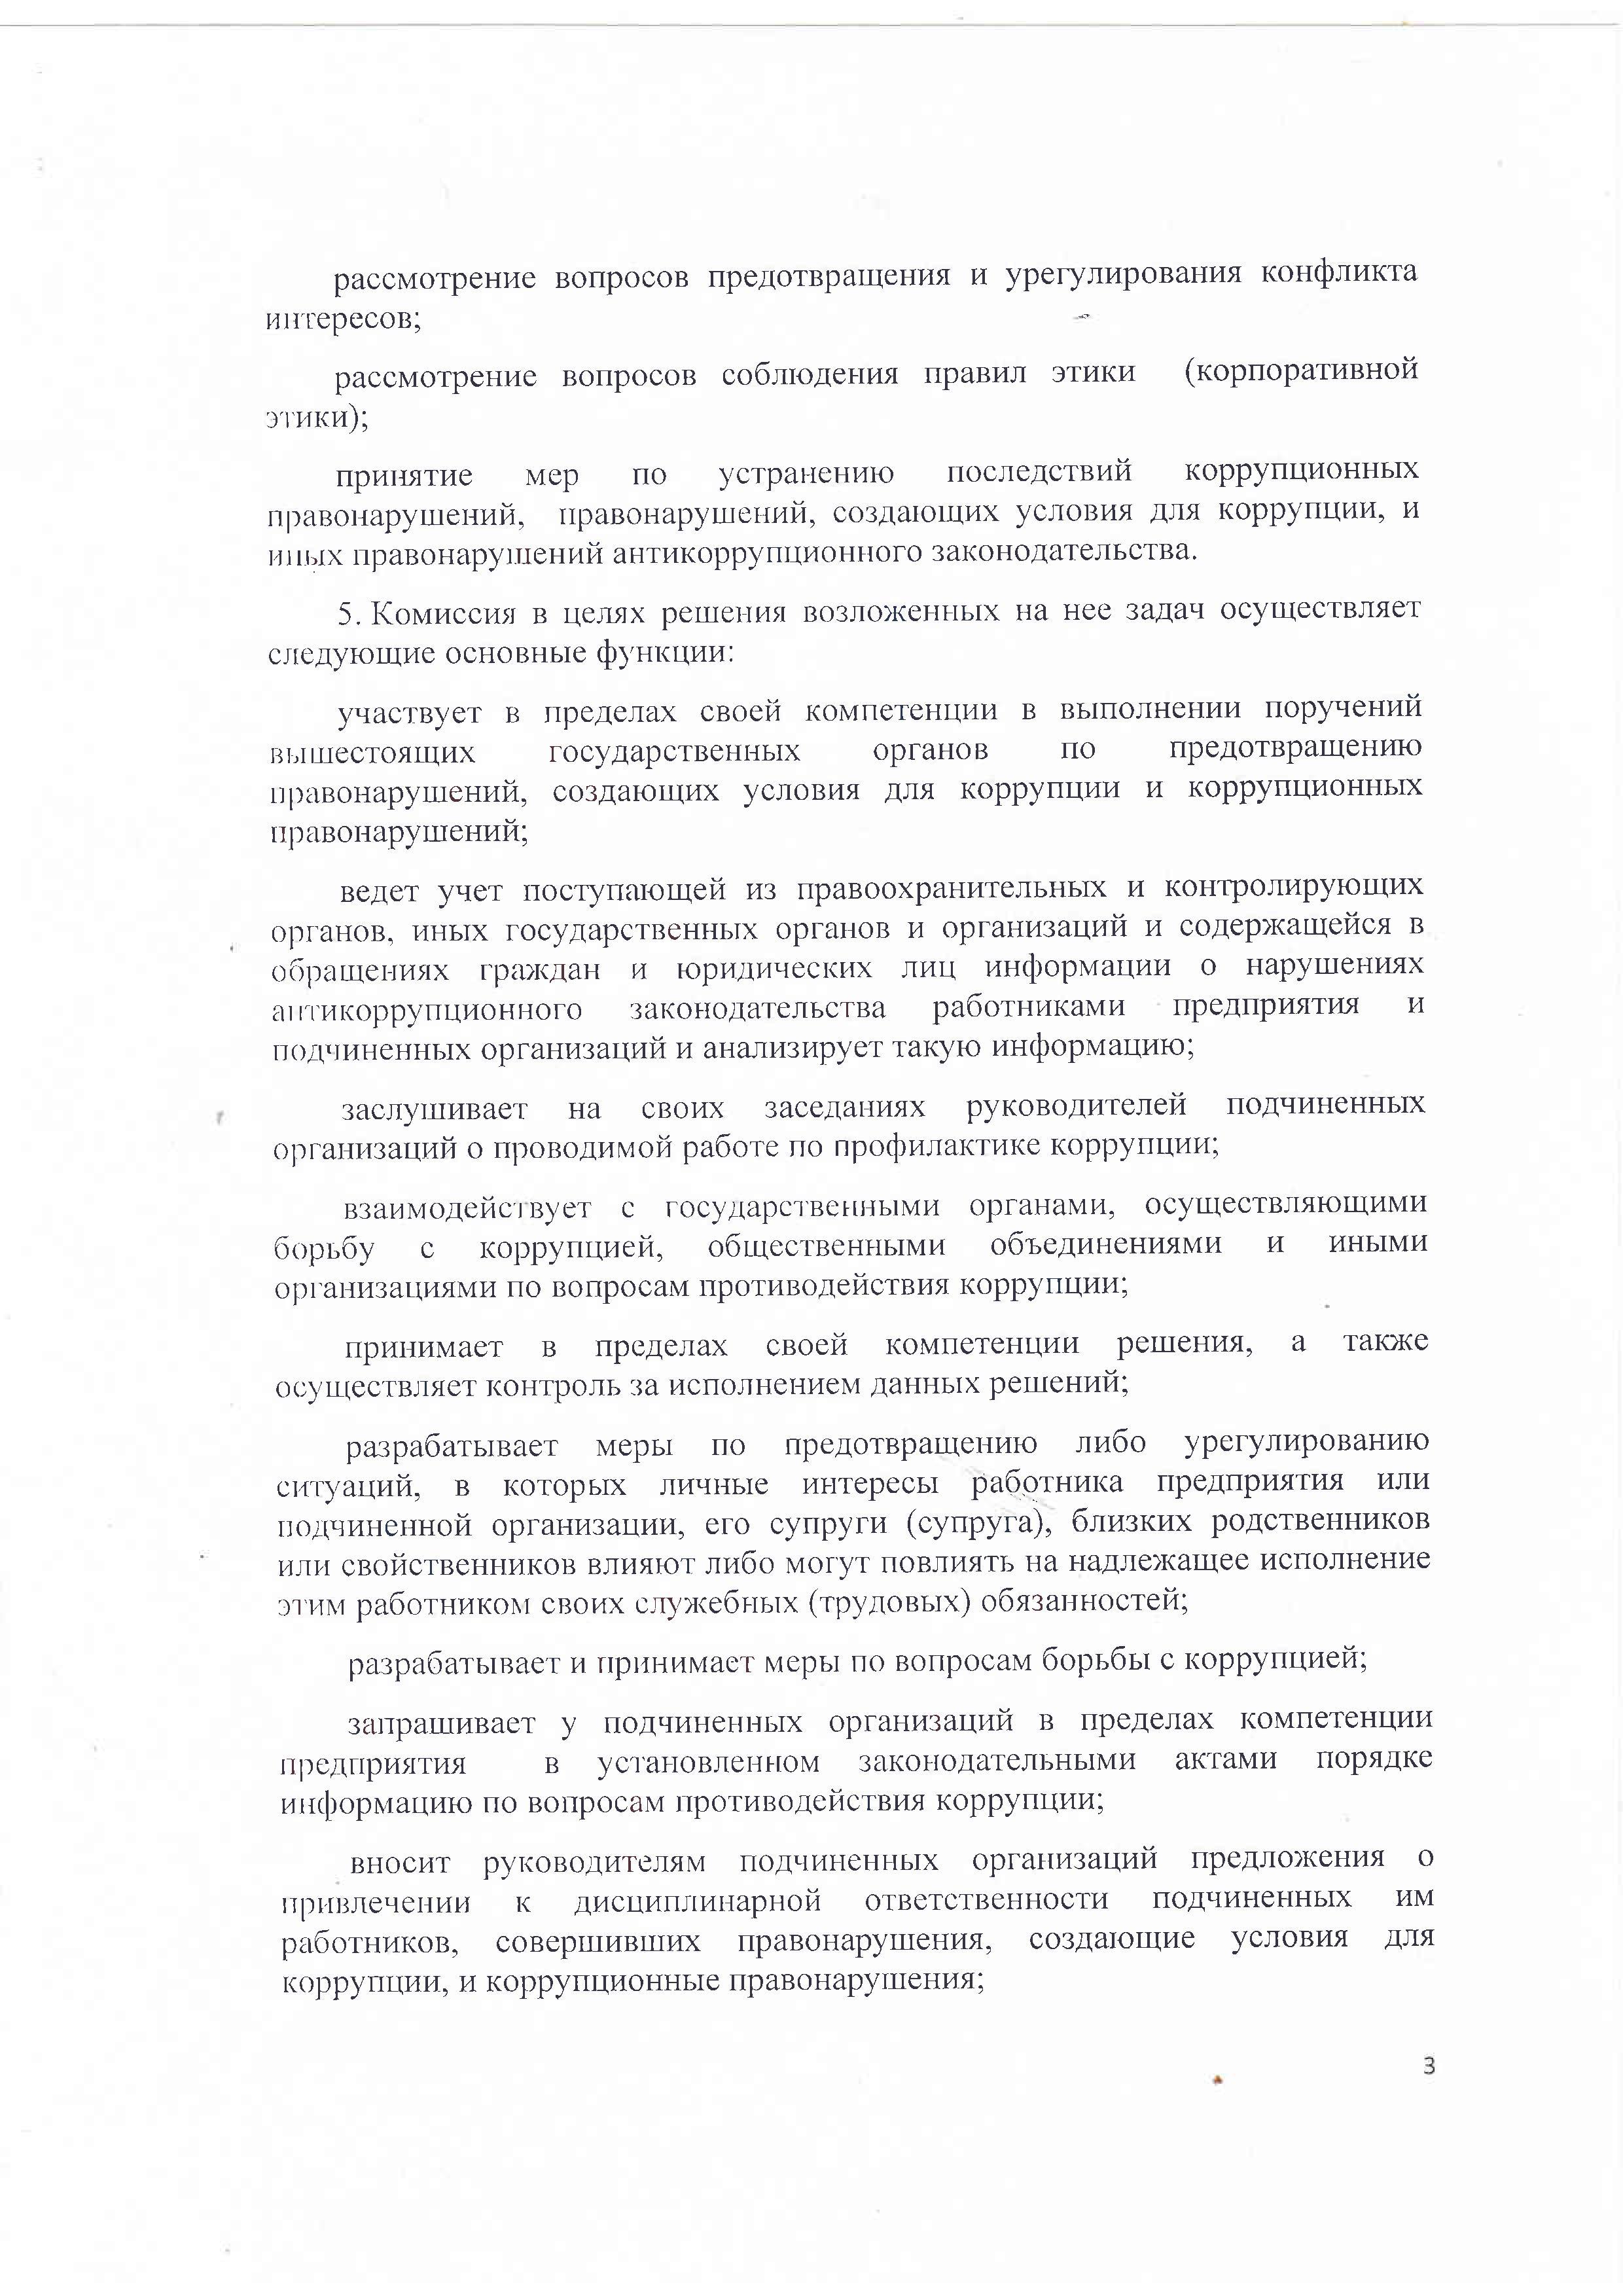 Положение о комиссии по противодействию коррупции. 3 стр.